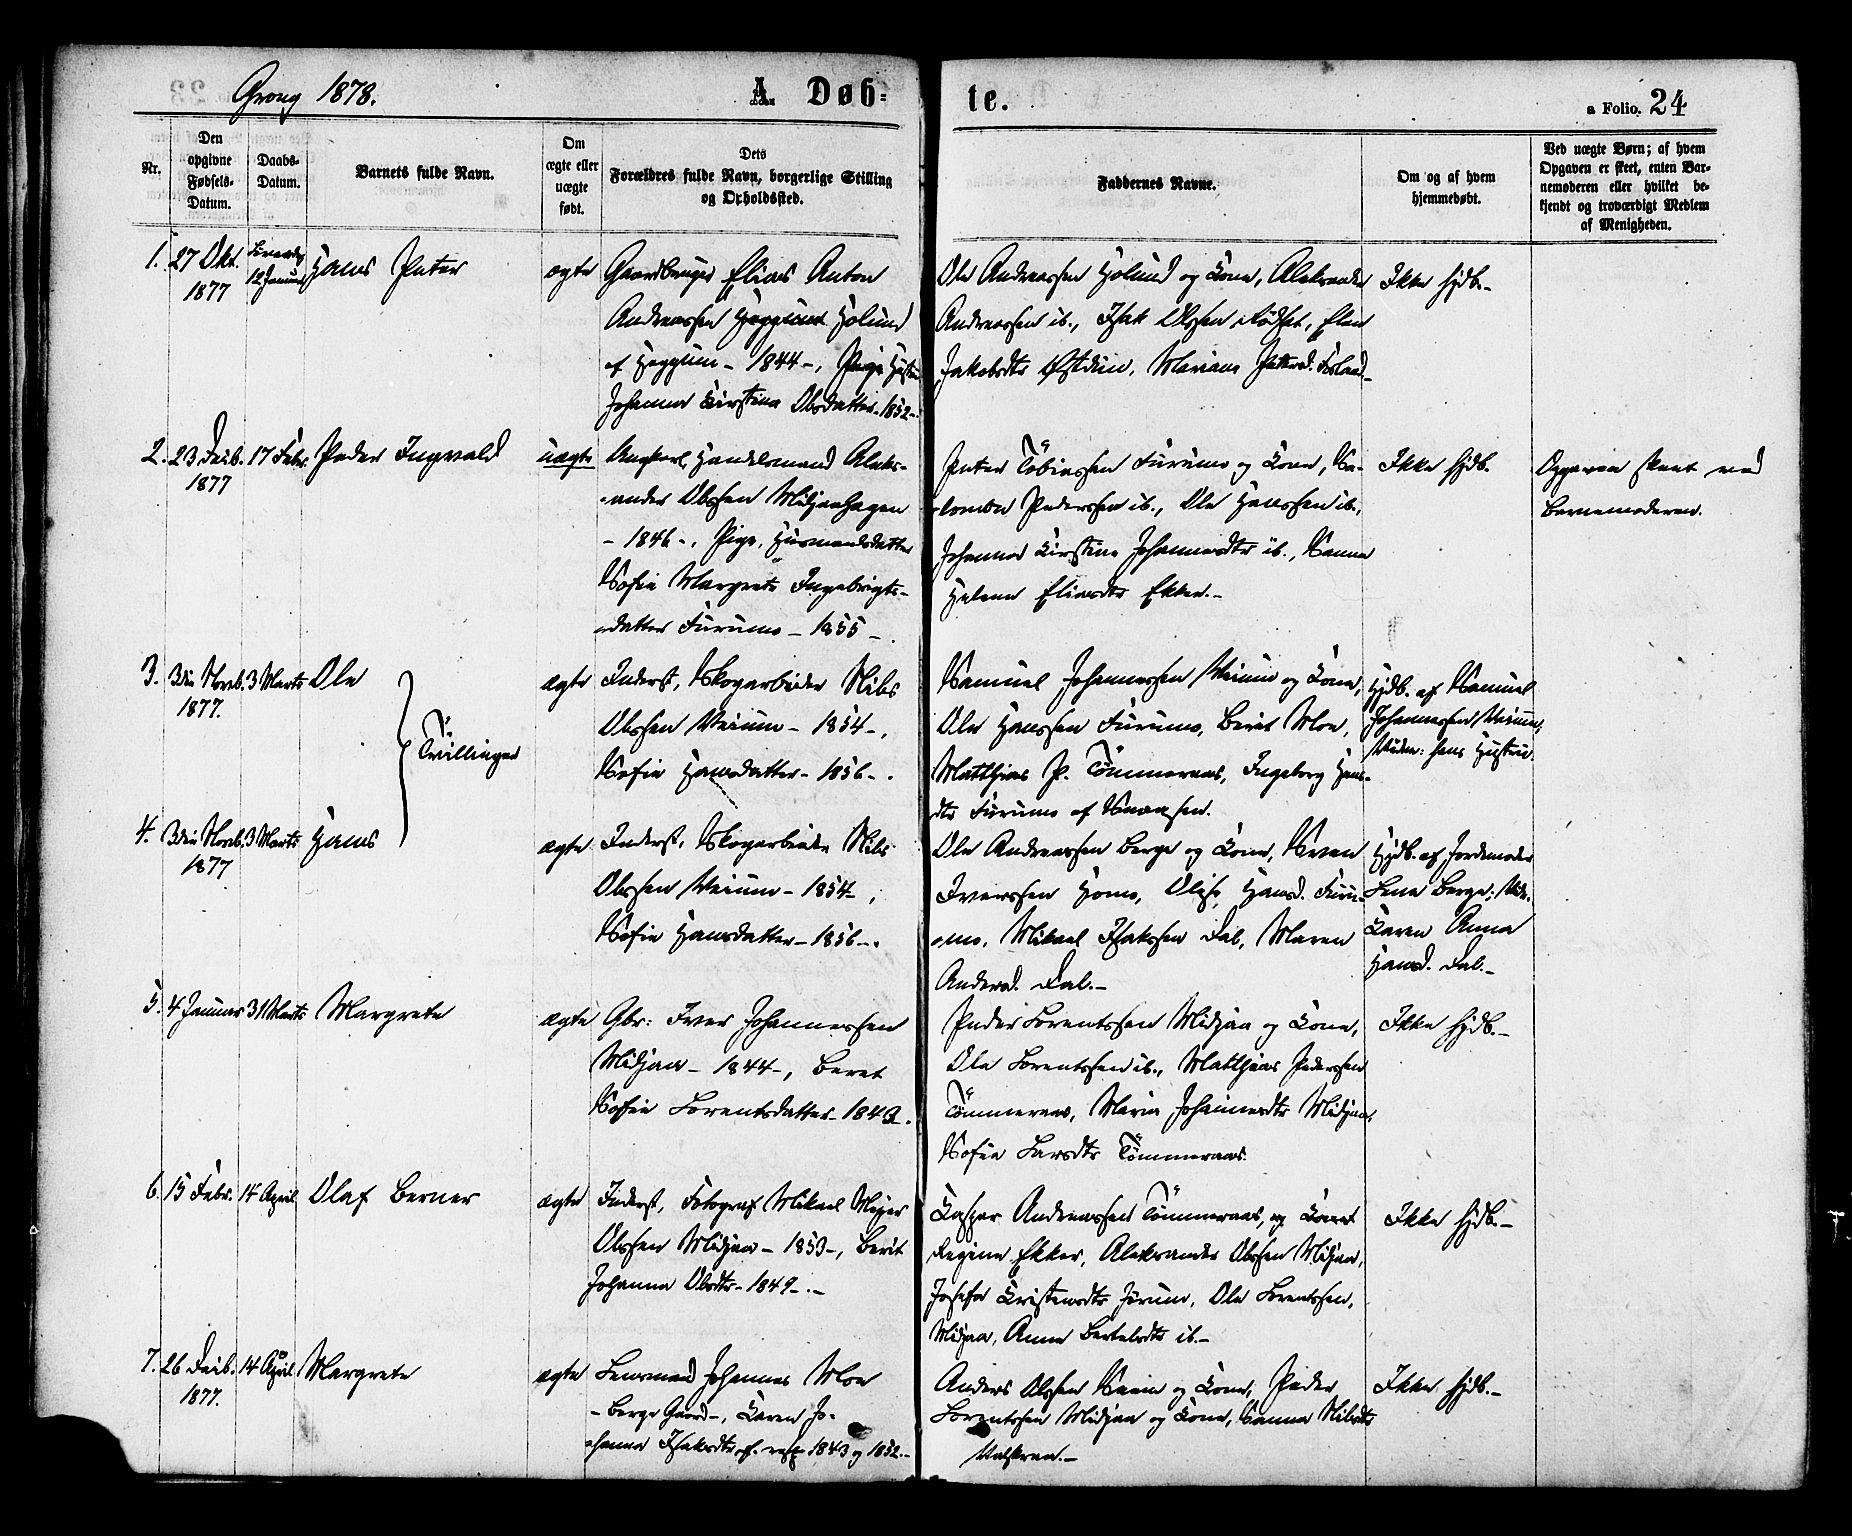 SAT, Ministerialprotokoller, klokkerbøker og fødselsregistre - Nord-Trøndelag, 758/L0516: Ministerialbok nr. 758A03 /1, 1869-1879, s. 24